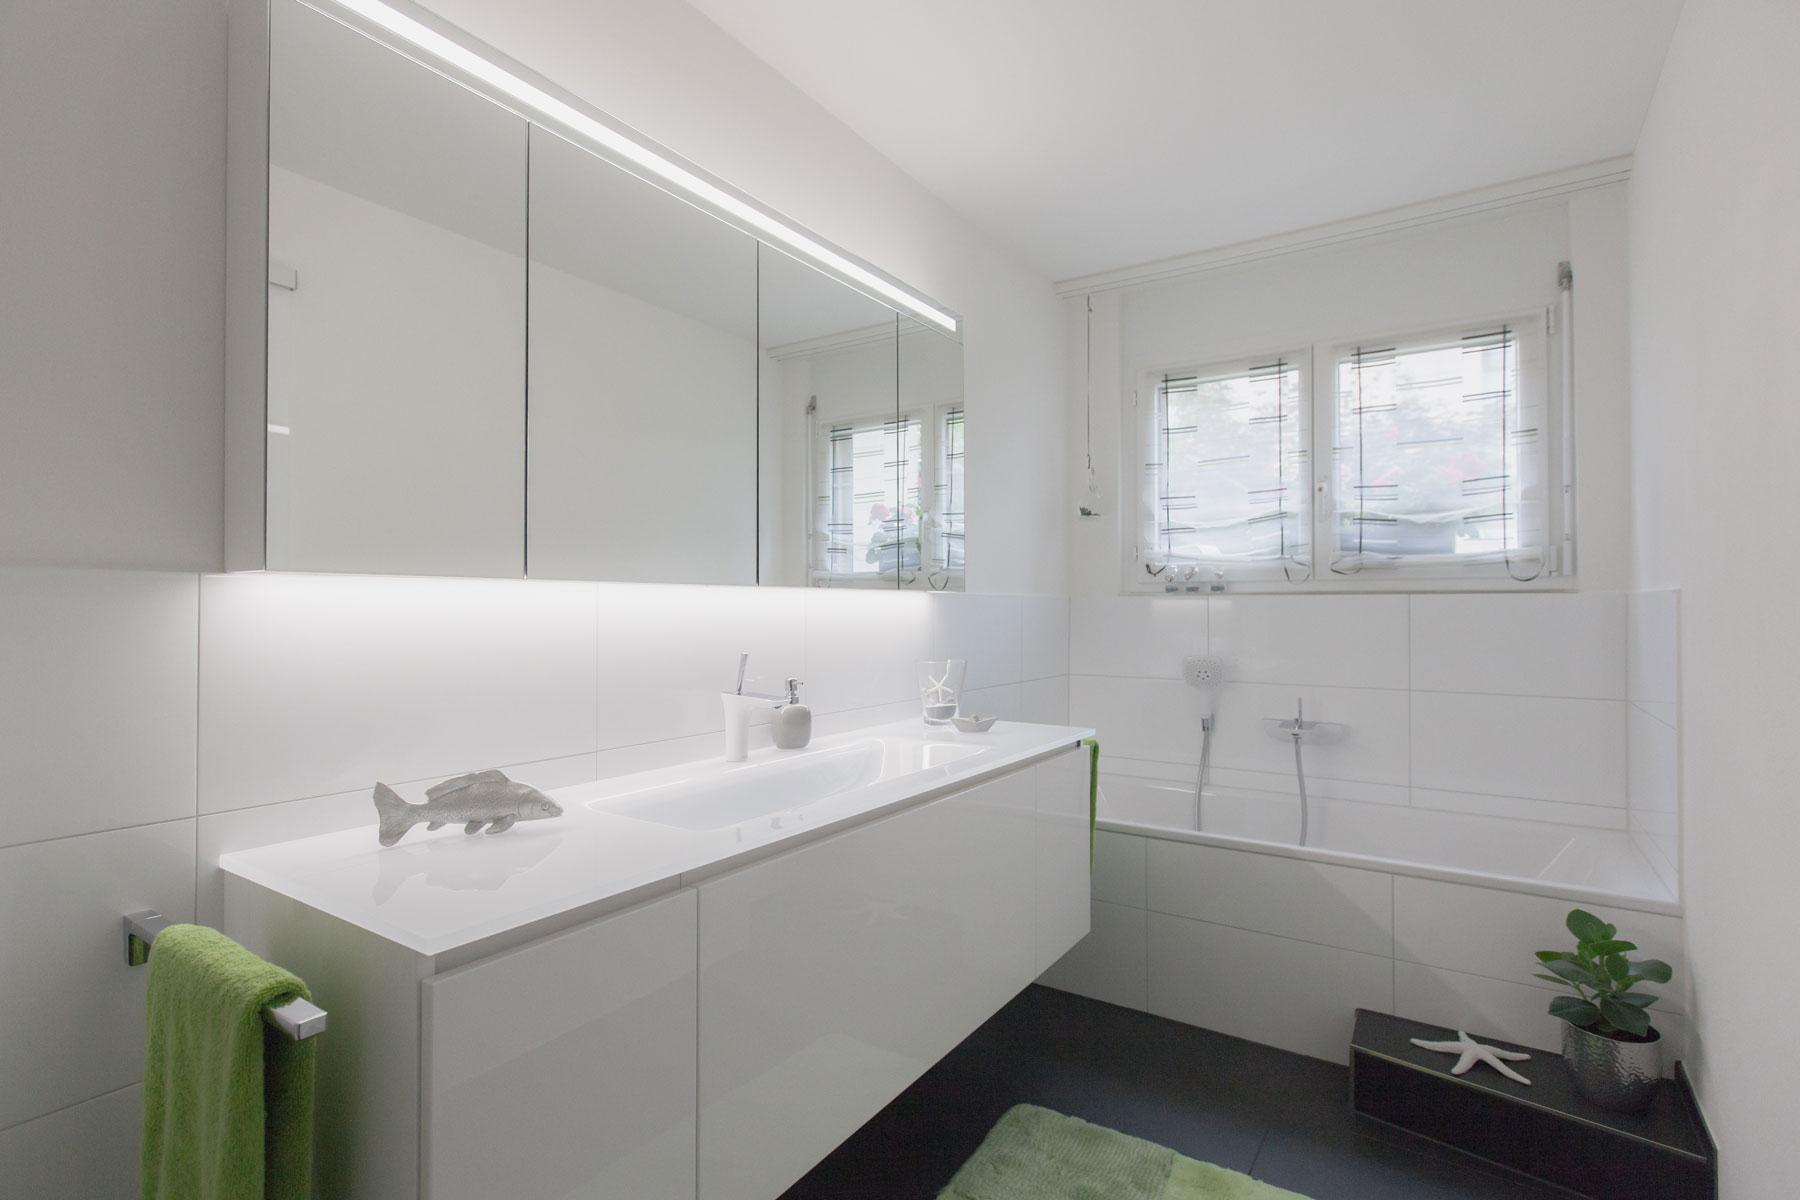 Gemütlich Bad Und Küche Umbau Ideen Fotos - Küchen Ideen Modern ...